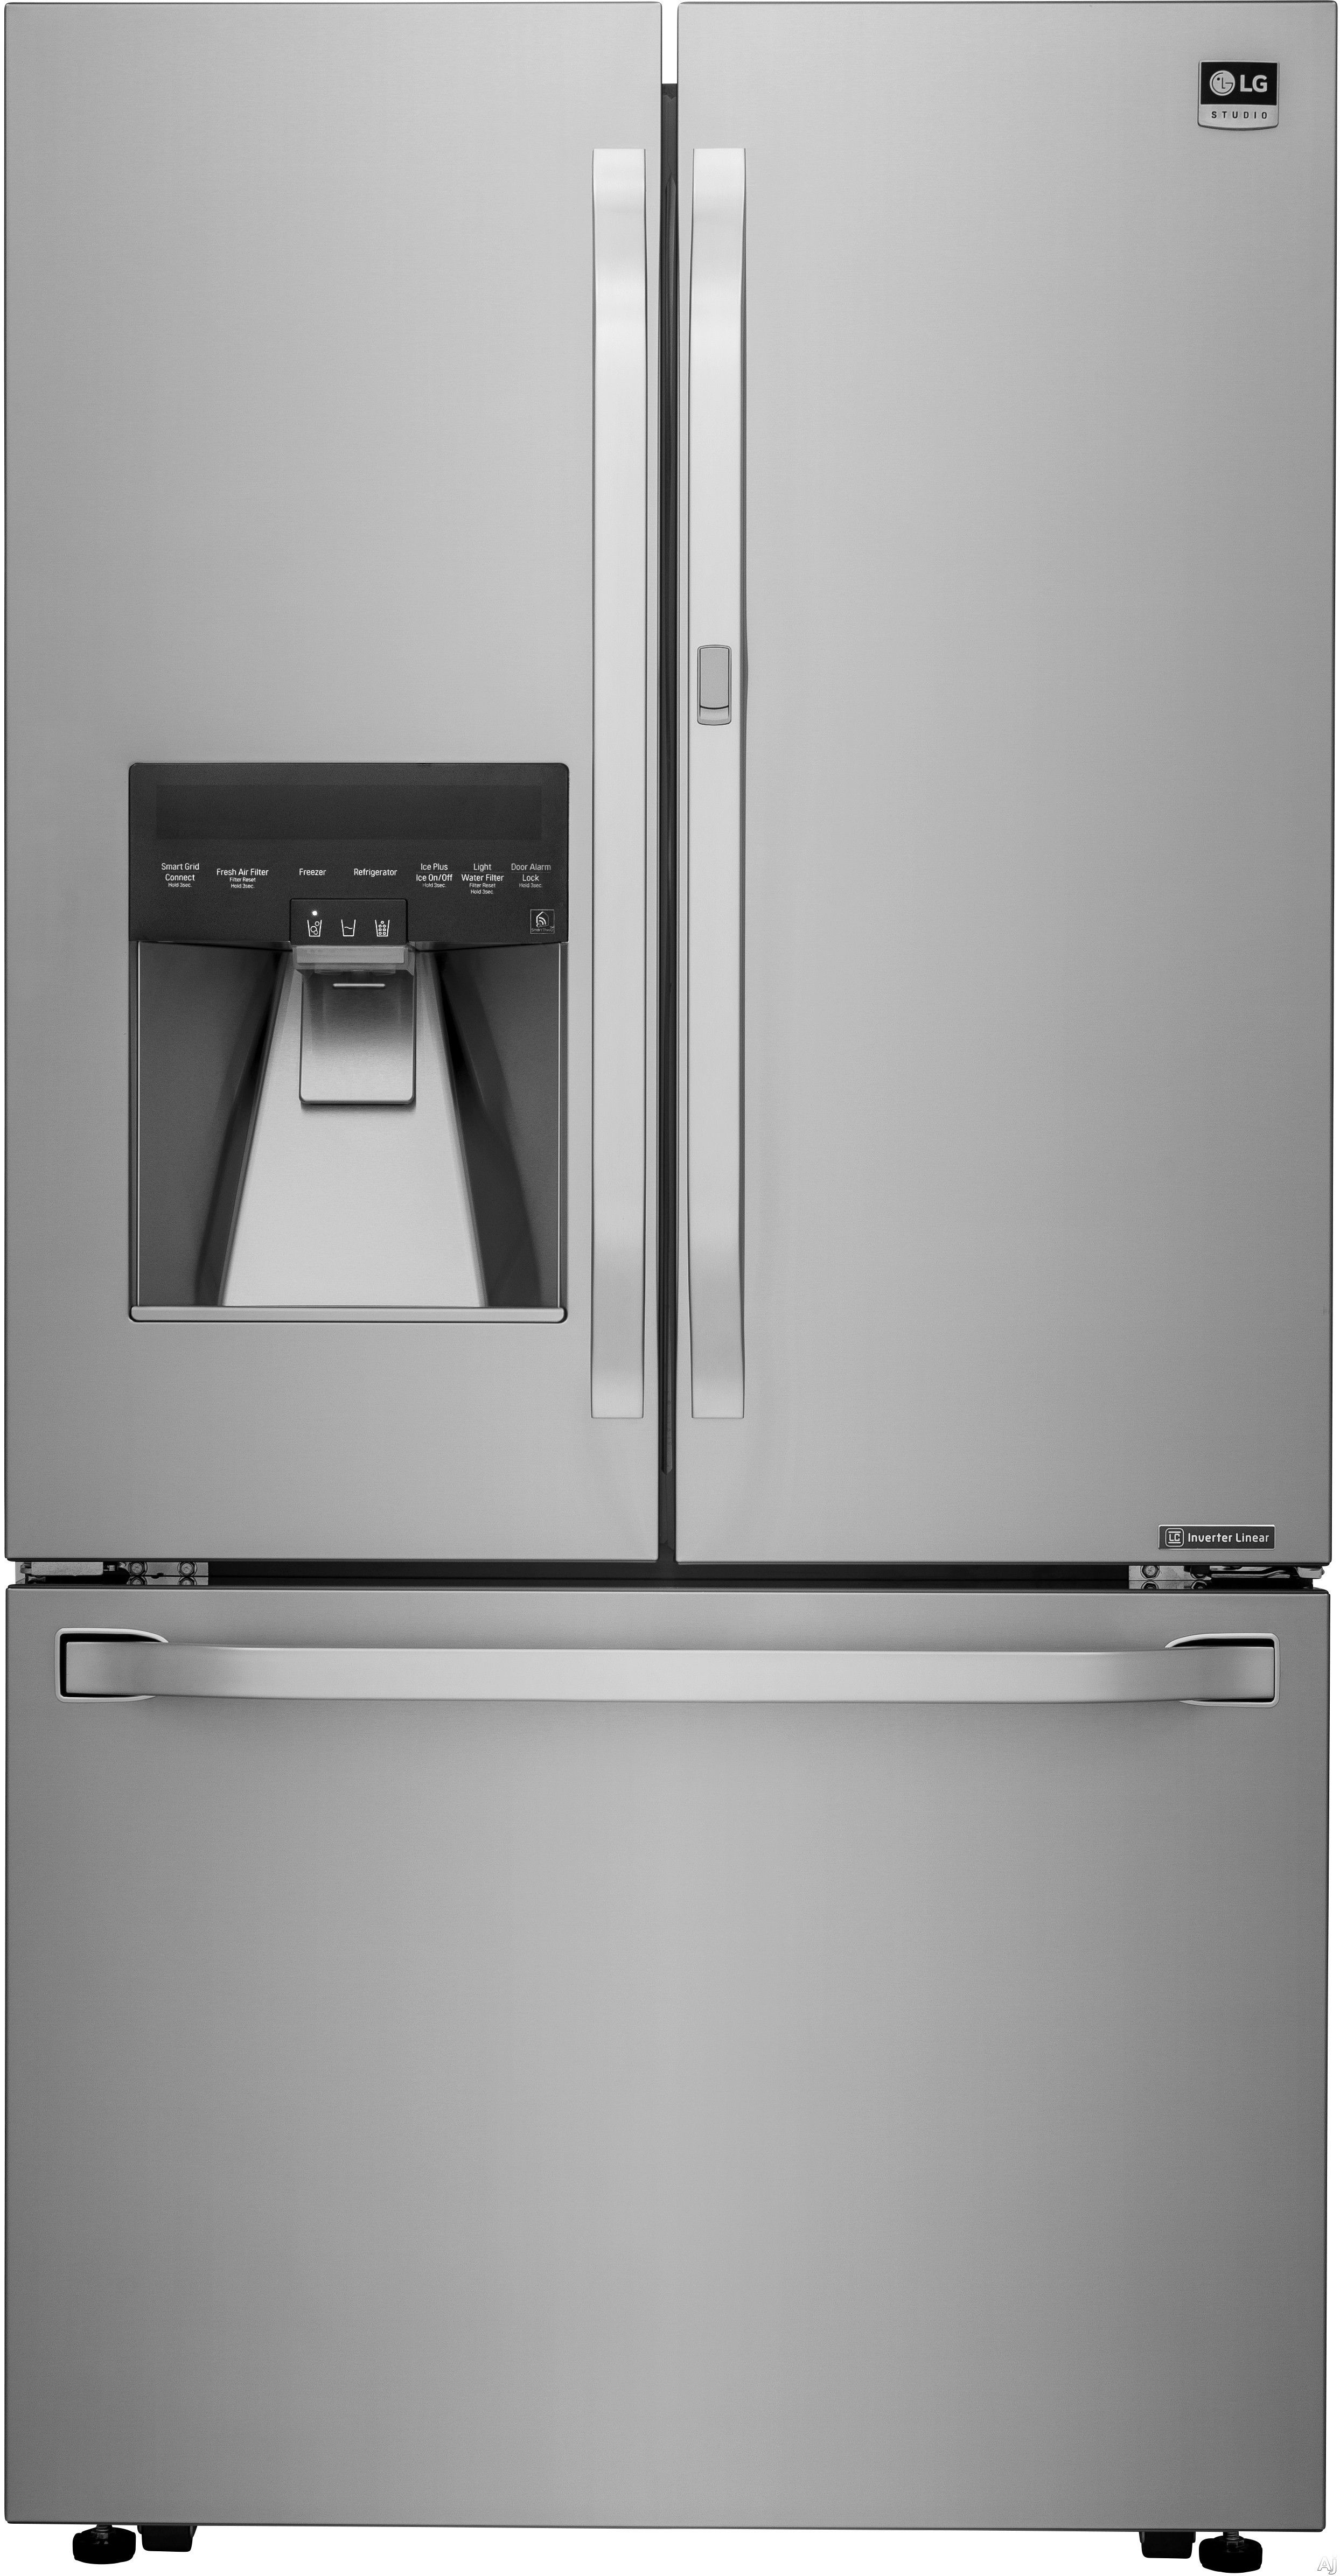 Lg Lsfxc2476s 36 Inch Counter Depth French Door Refrigerator With 23 5 Cu Ft Capacity Door In Door Slim Spaceplus Ice System Multi Air Flow Linear Comp Counter Depth French Door Refrigerator French Door